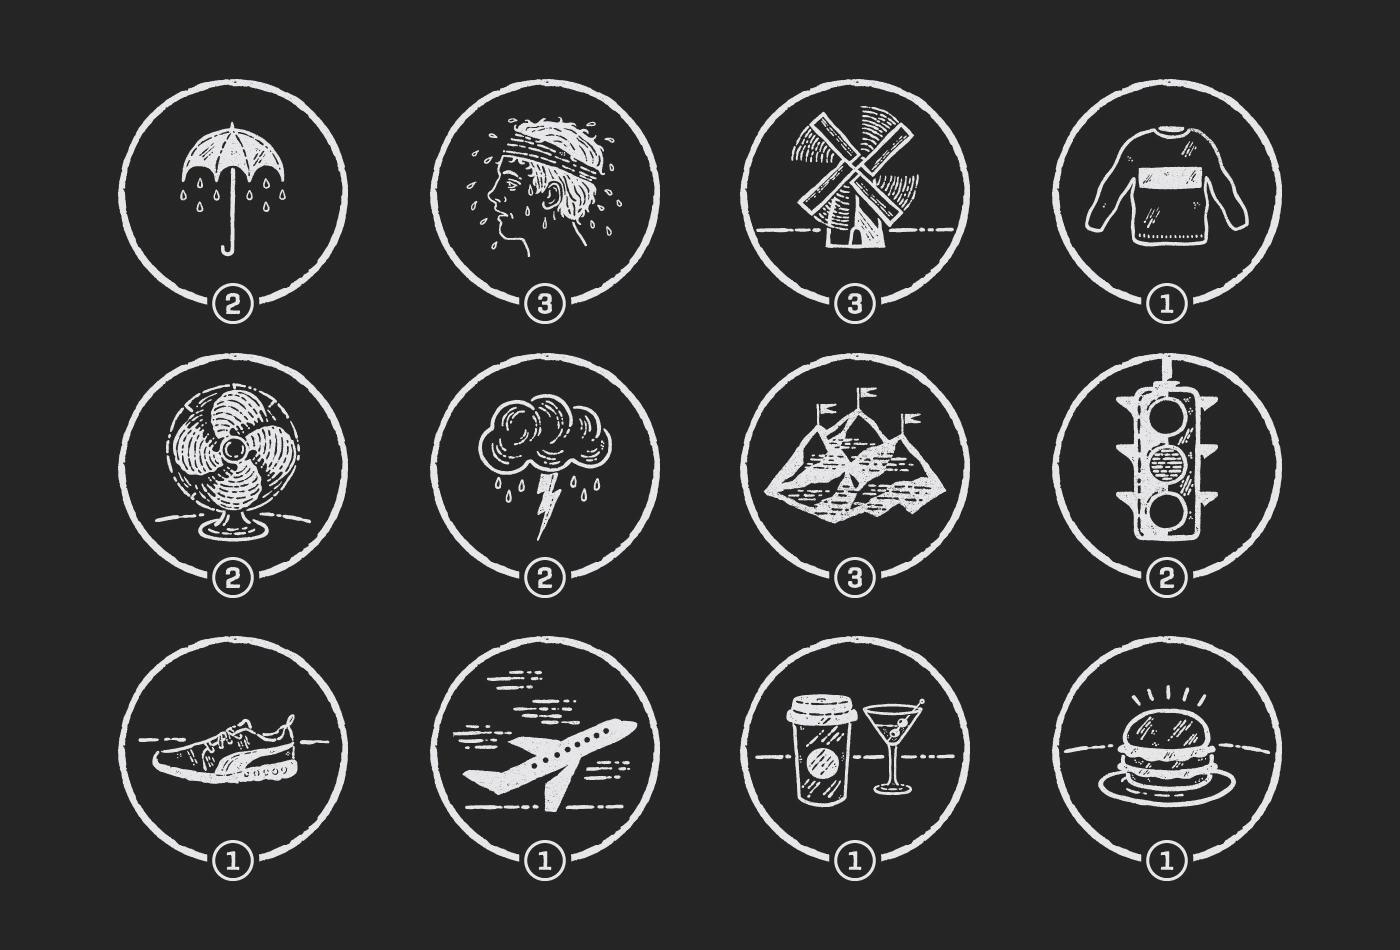 A-logo-collection-vacaliebres-copia